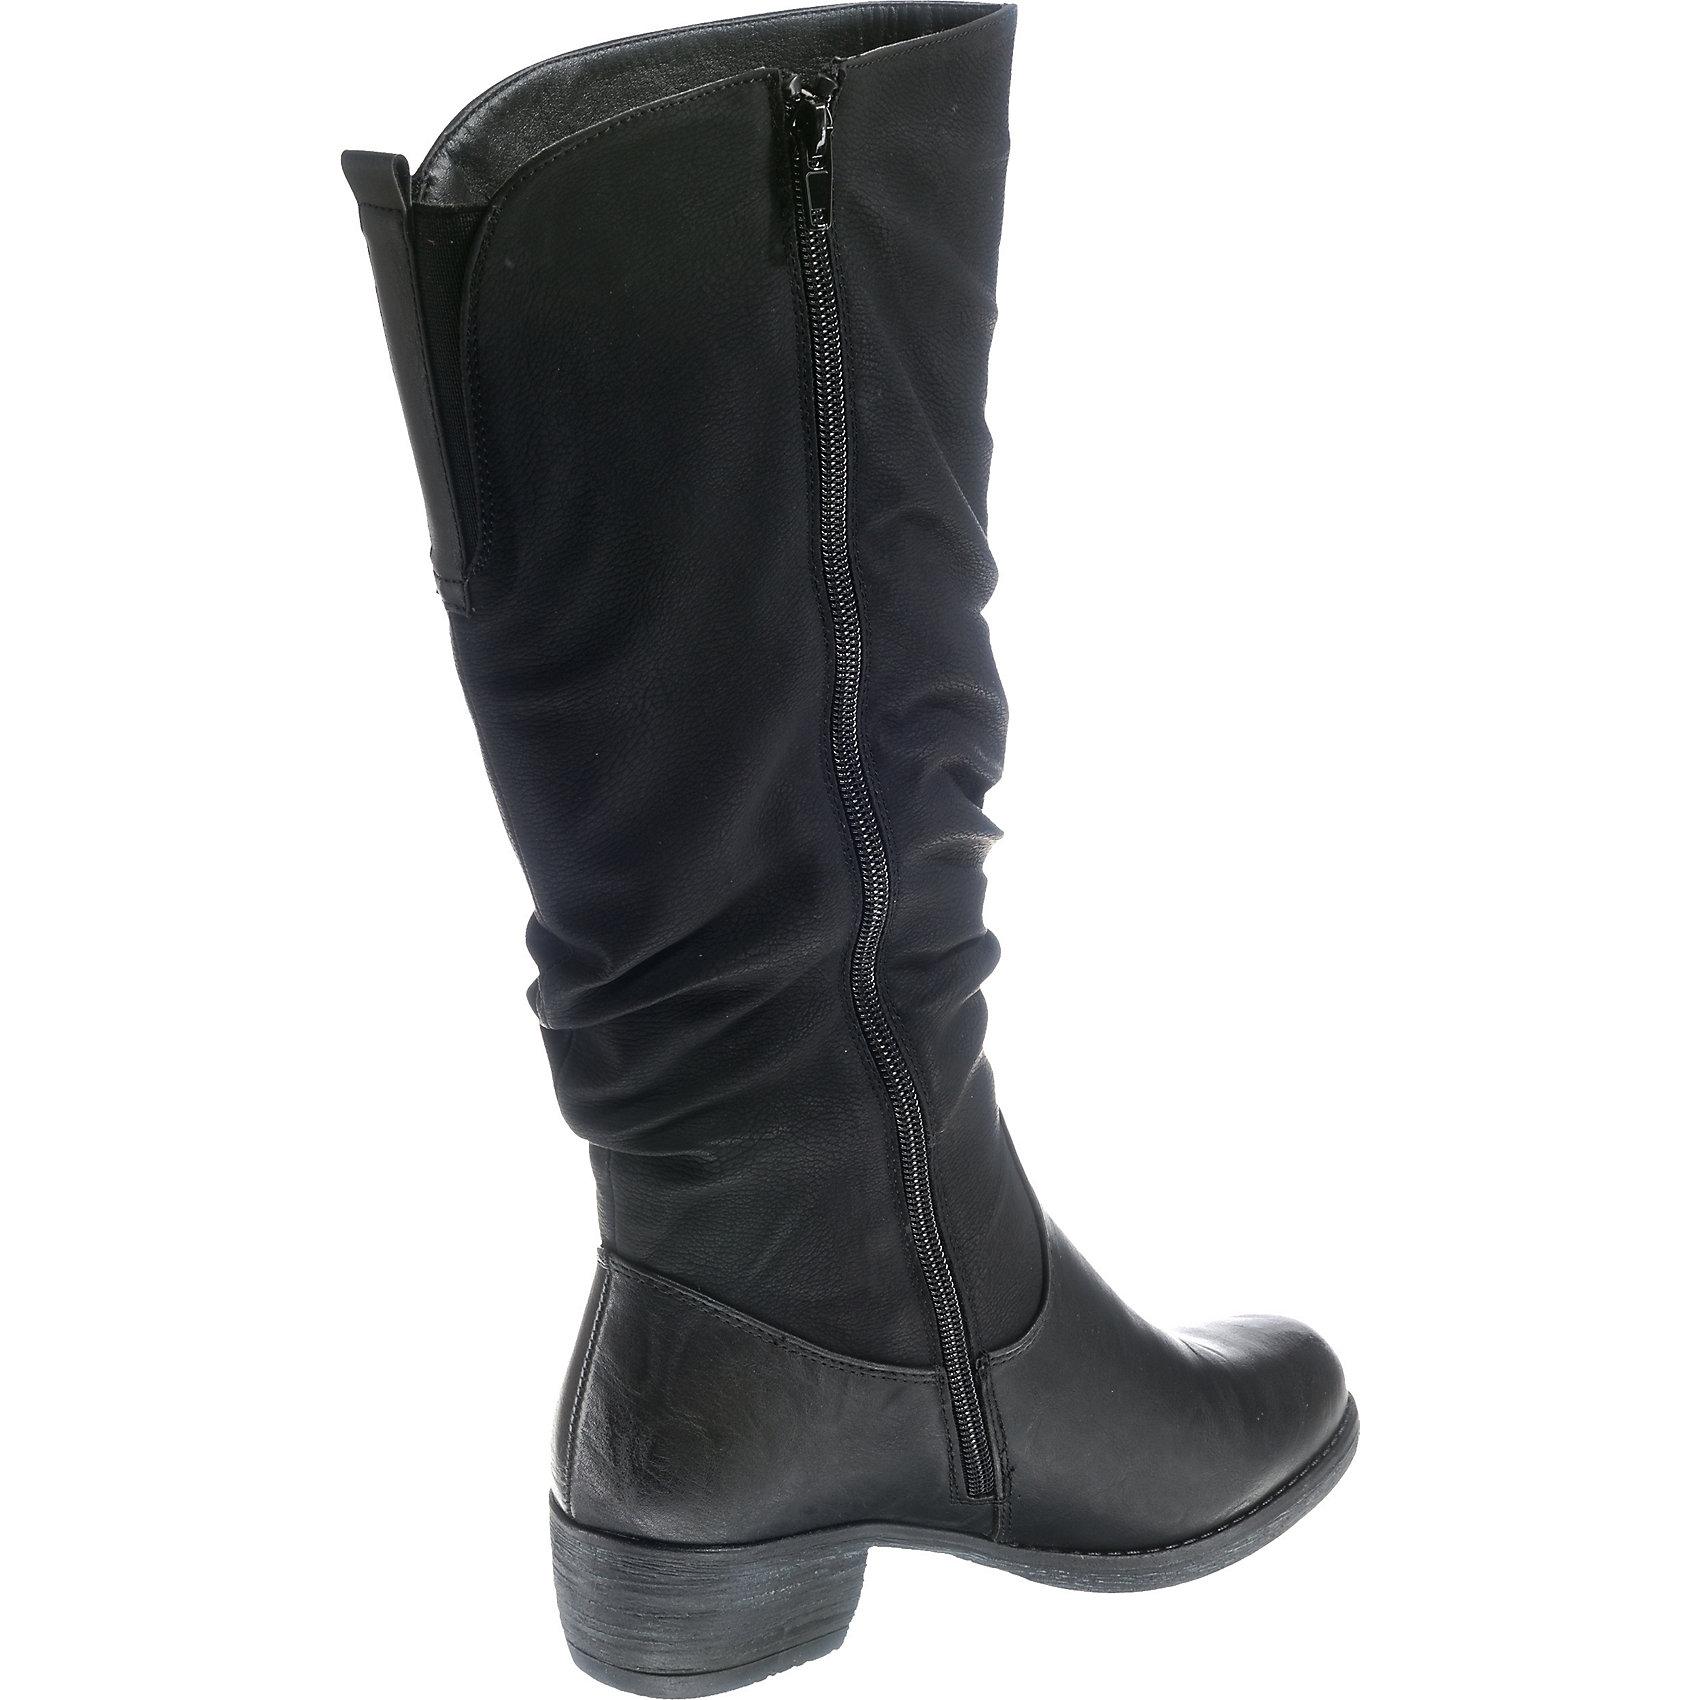 Neu rieker Winterstiefel 8671253 für Damen schwarz schwarz schwarz bfb636